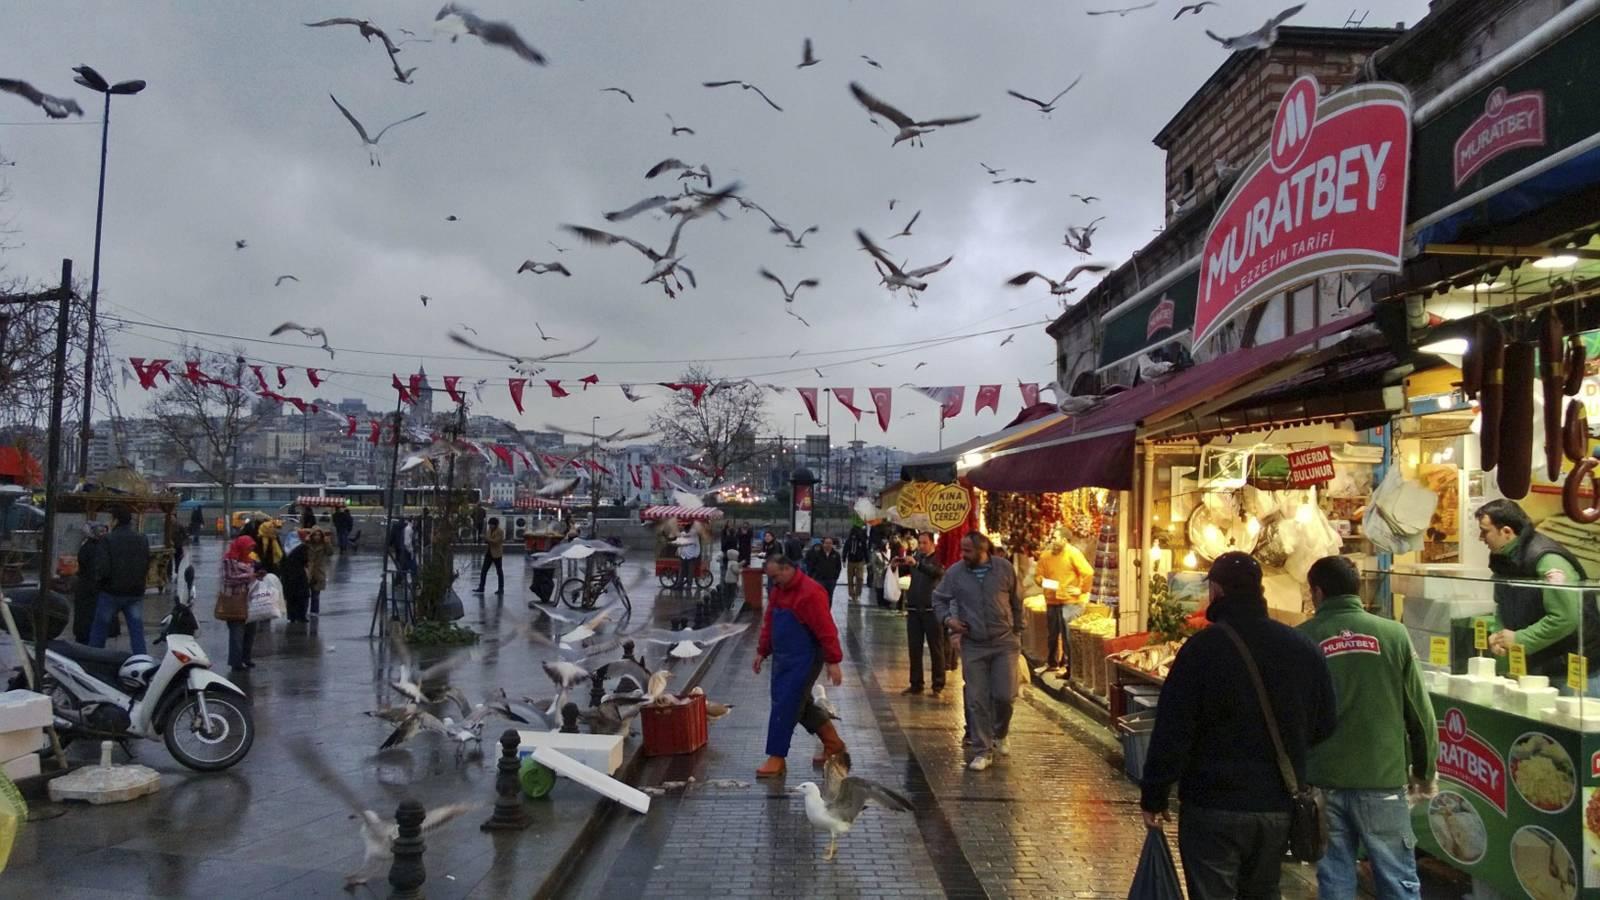 Istanbul-turkey-turchia-mercato-del-pesce-gabbiani-fish-market-seagull-viaggio-in-oriente